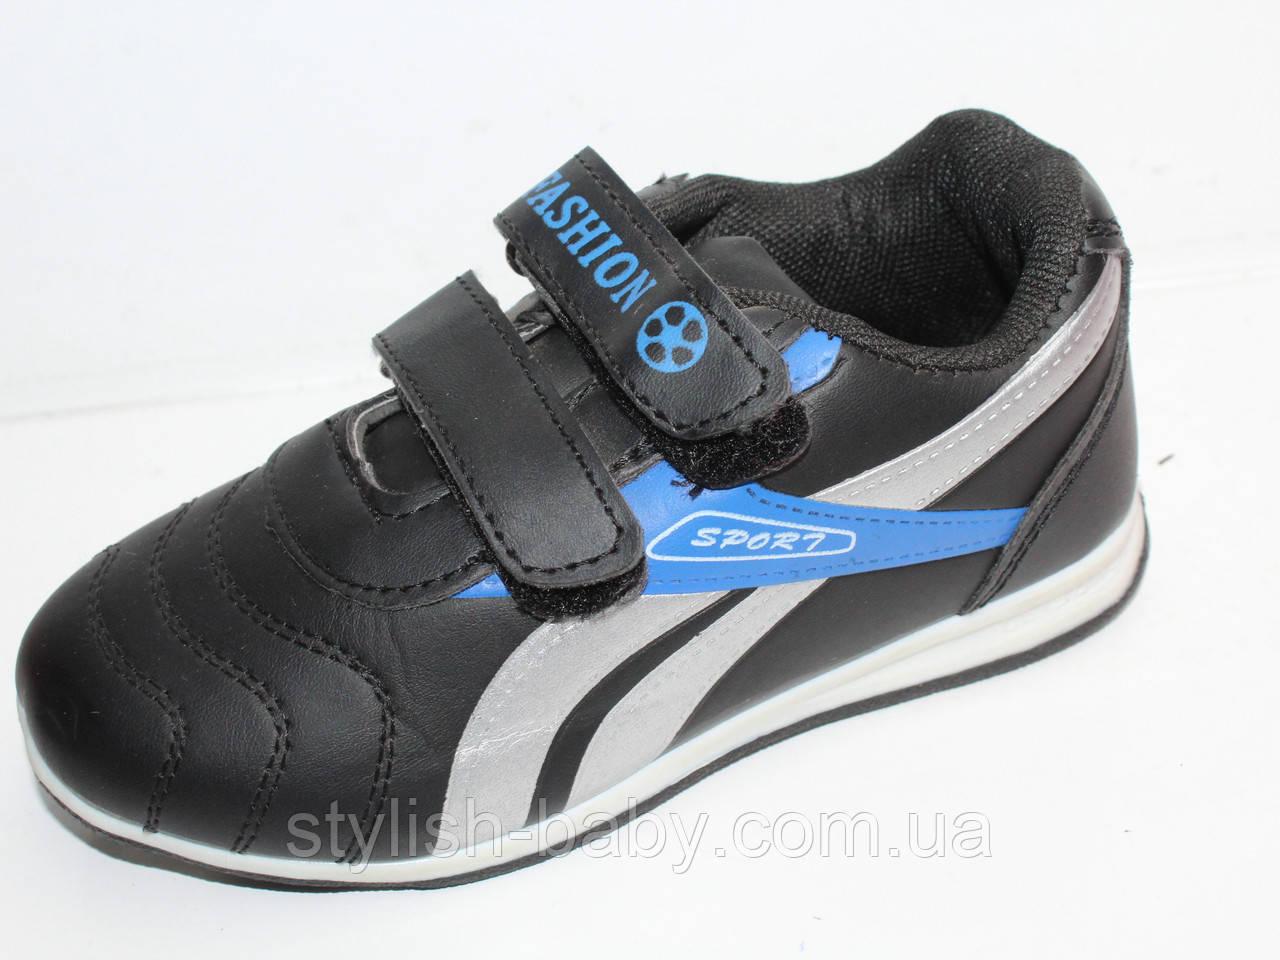 Детская спортивная обувь ТМ. Bluerama для мальчиков (разм. с 26 по 31)